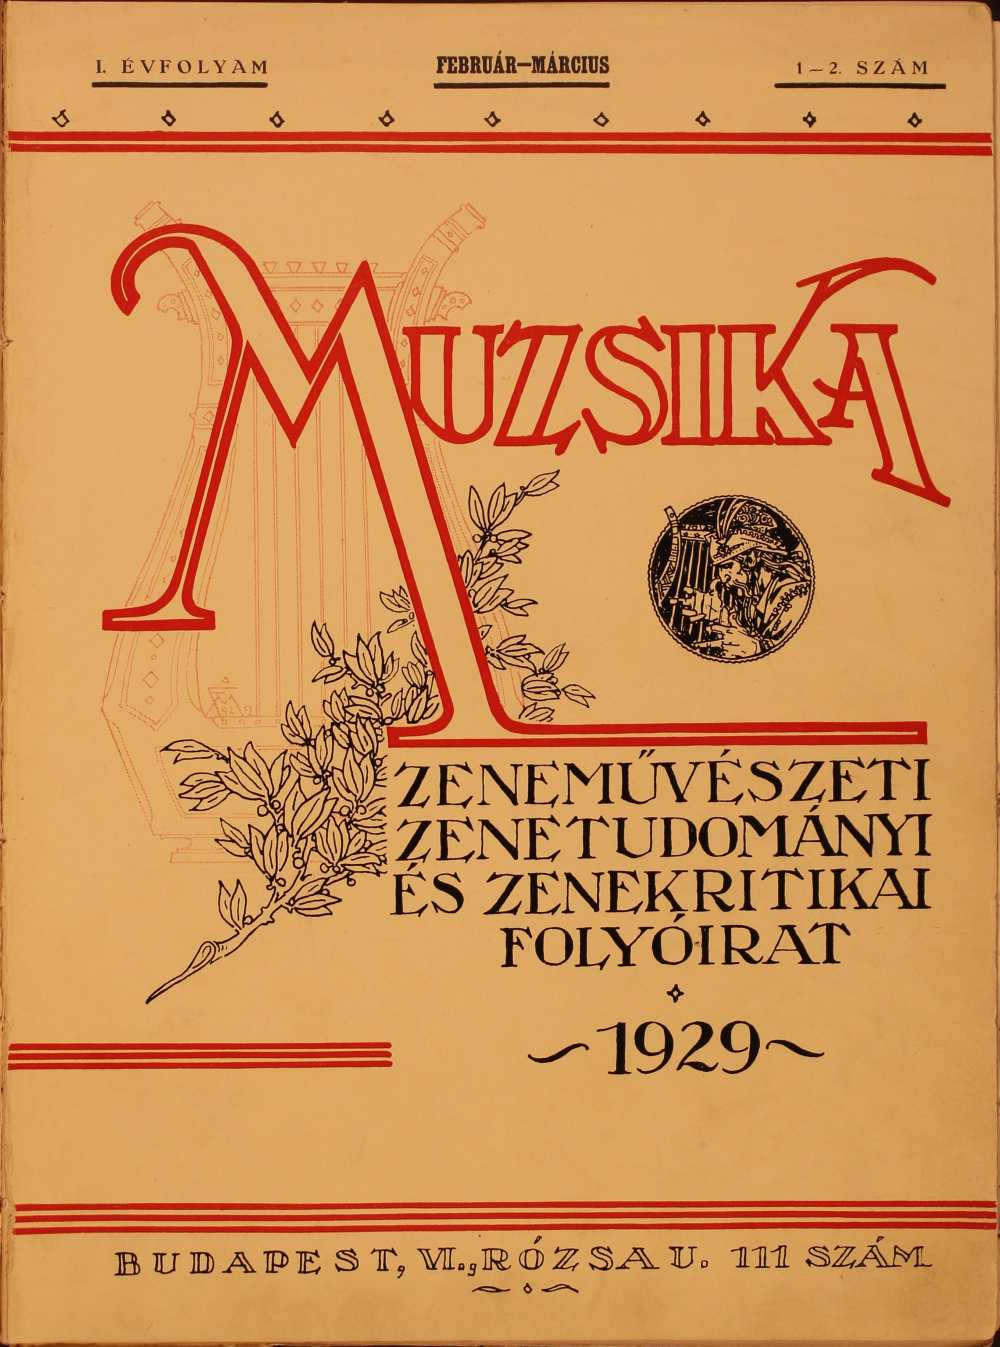 """Muzsika. Zeneművészeti, zenetudományi és zenekritikai folyóirat, 1. évf. 1–2. sz. (1929. febr.–márc.). Címlap. A """"Liszt Ferenc tündöklő nevével útjára indított"""" reprezentatív kiállítású havilap két évfolyam után megszűnt. – Törzsgyűjtemény http://nektar.oszk.hu/hu/manifestation/1023575"""